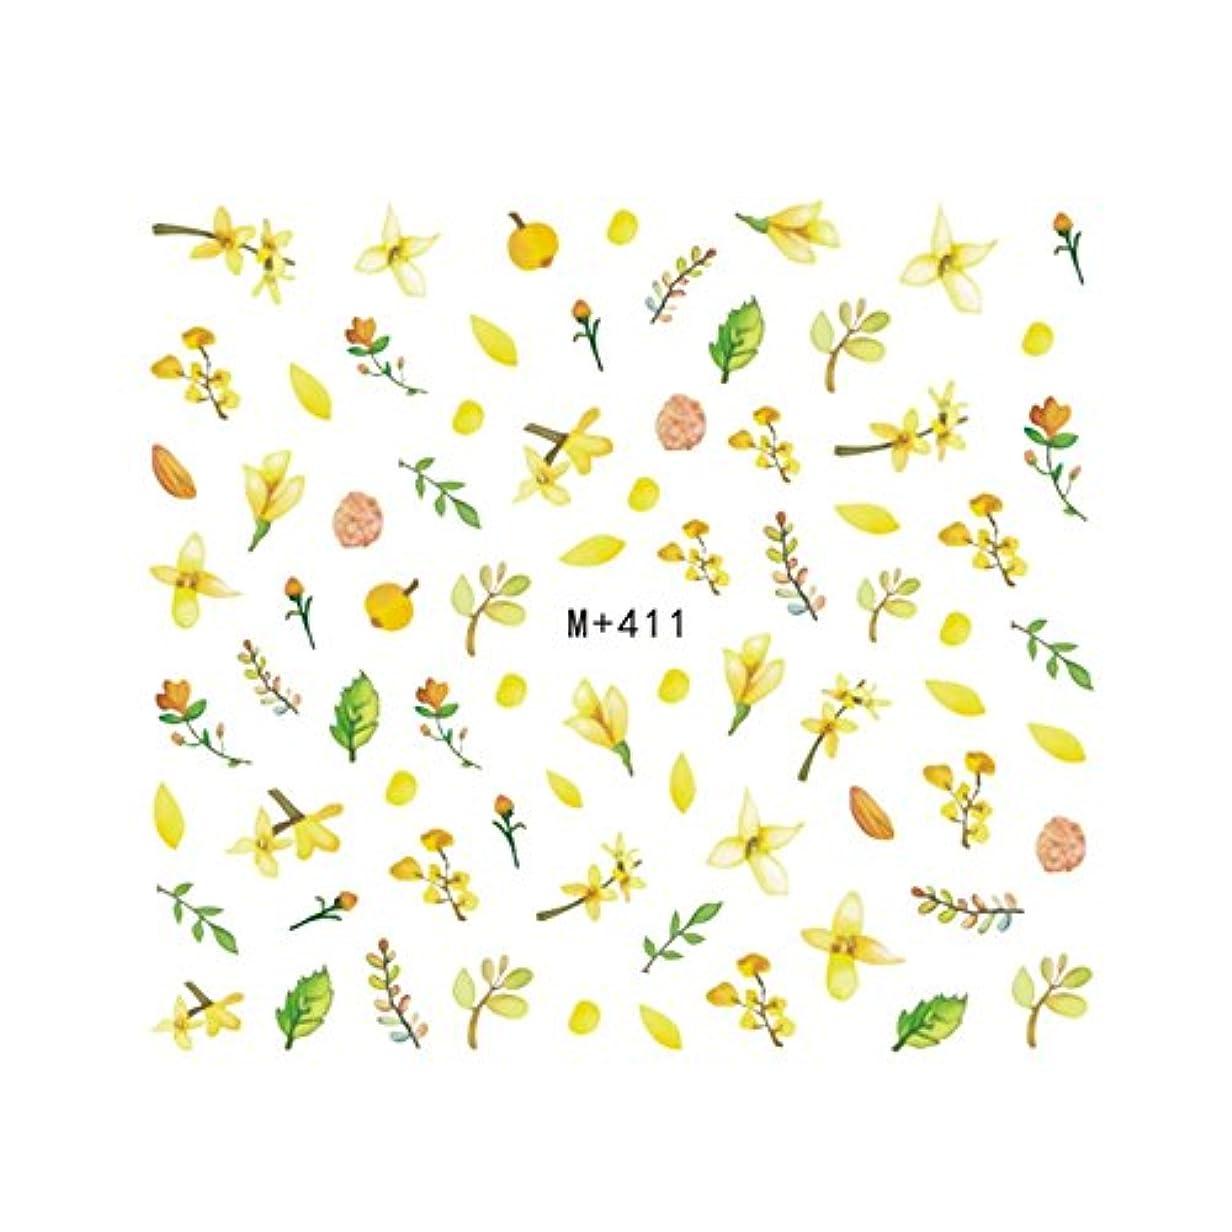 廊下ファランクス呼吸イチョウネイルシール【M+411】 イチョウ 銀杏 フラワー 小花柄 イエロー ウォーターネイルシール ジェルネイル ネイルシール